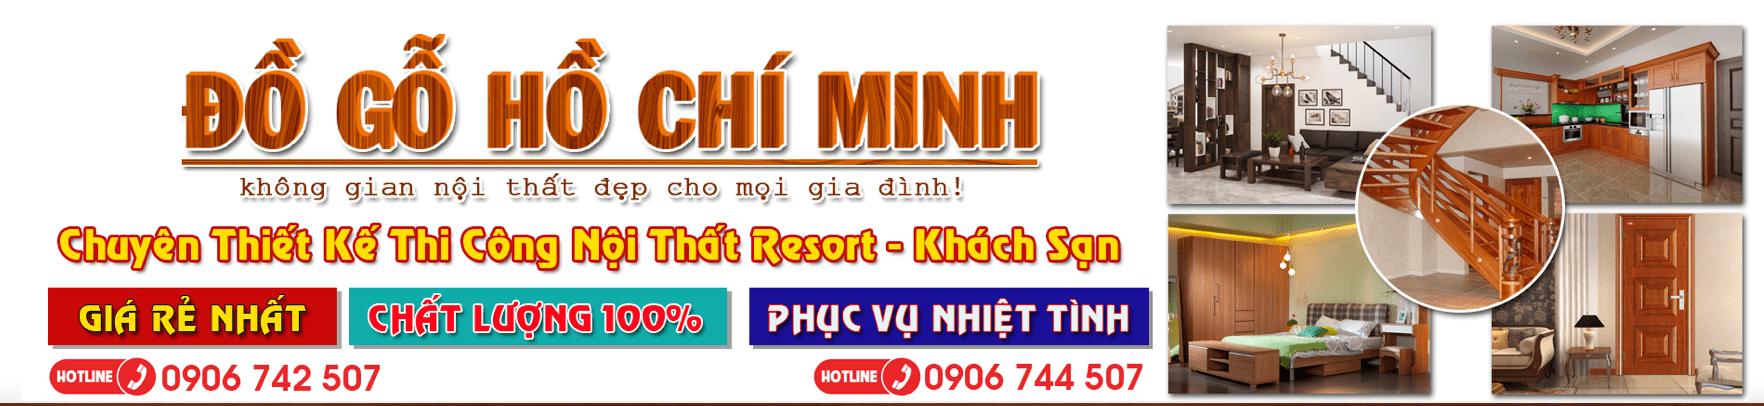 đồ gỗ Hồ Chí Minh